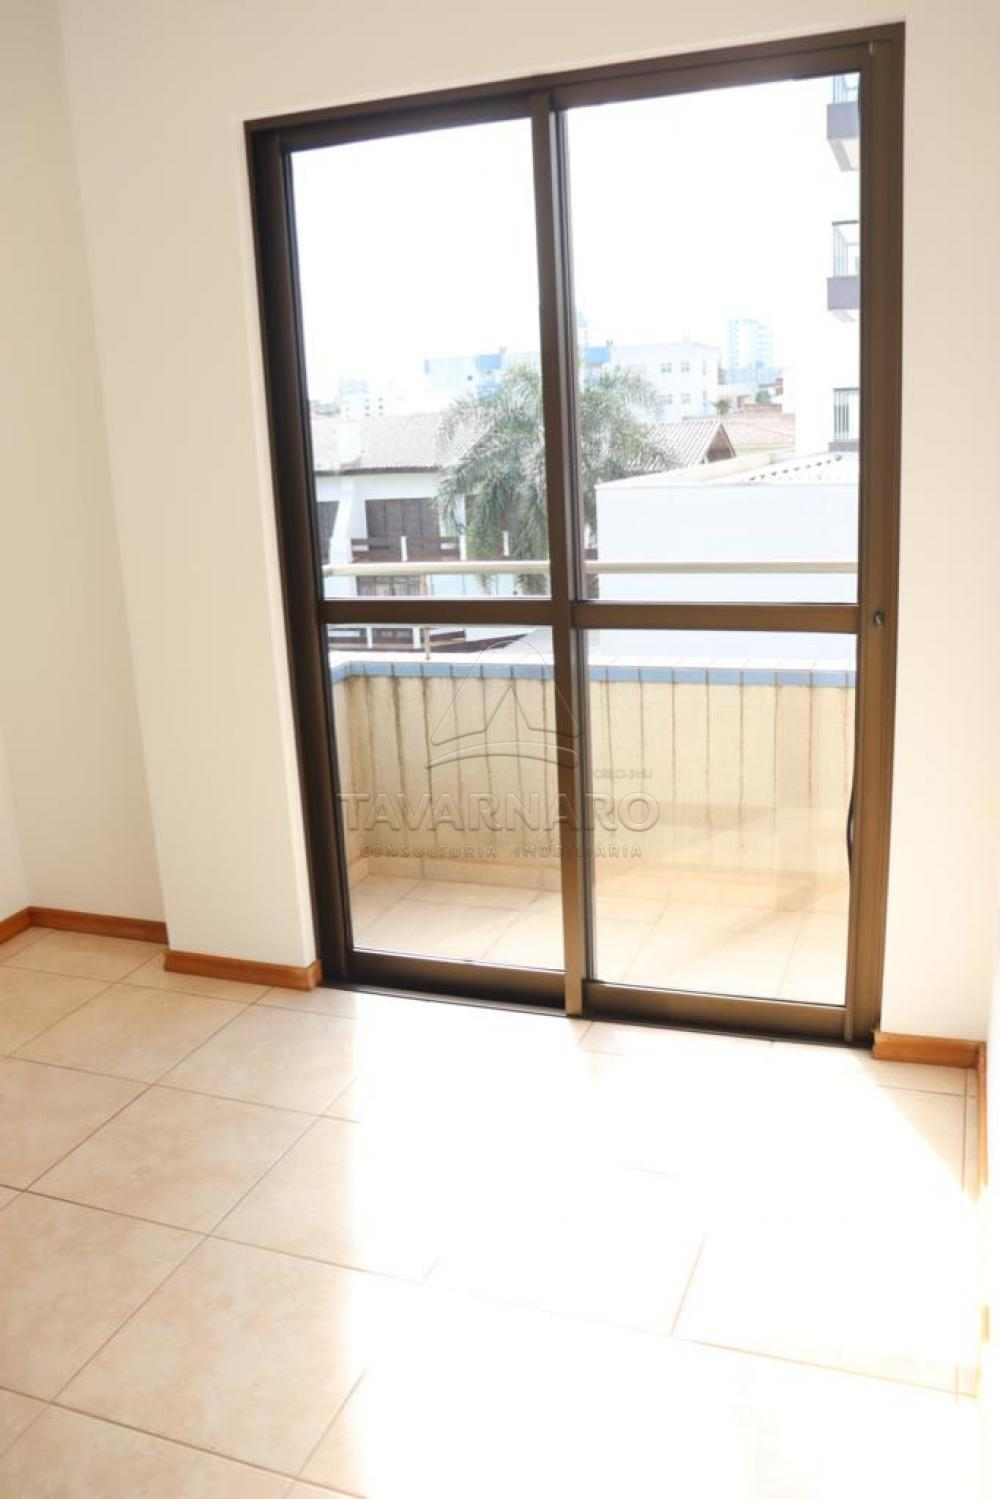 Alugar Apartamento / Padrão em Ponta Grossa R$ 1.000,00 - Foto 4